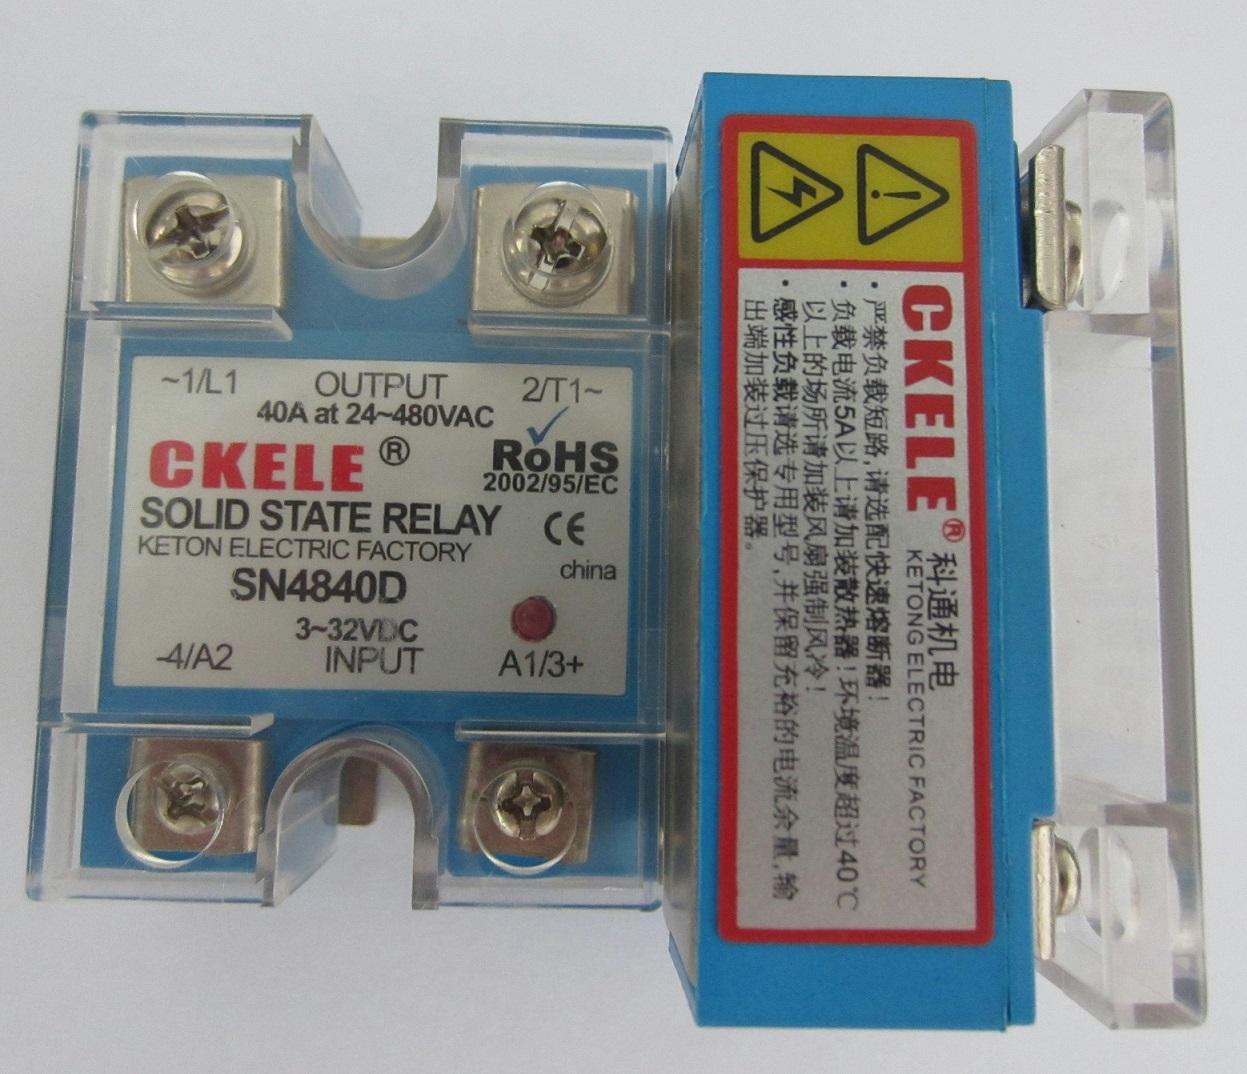 Des 0-5VDC d'isolation de type de réglage de puissance monophasé de régulateur de pression SN4840-V0540A480VAC relais à semi - conducteurs